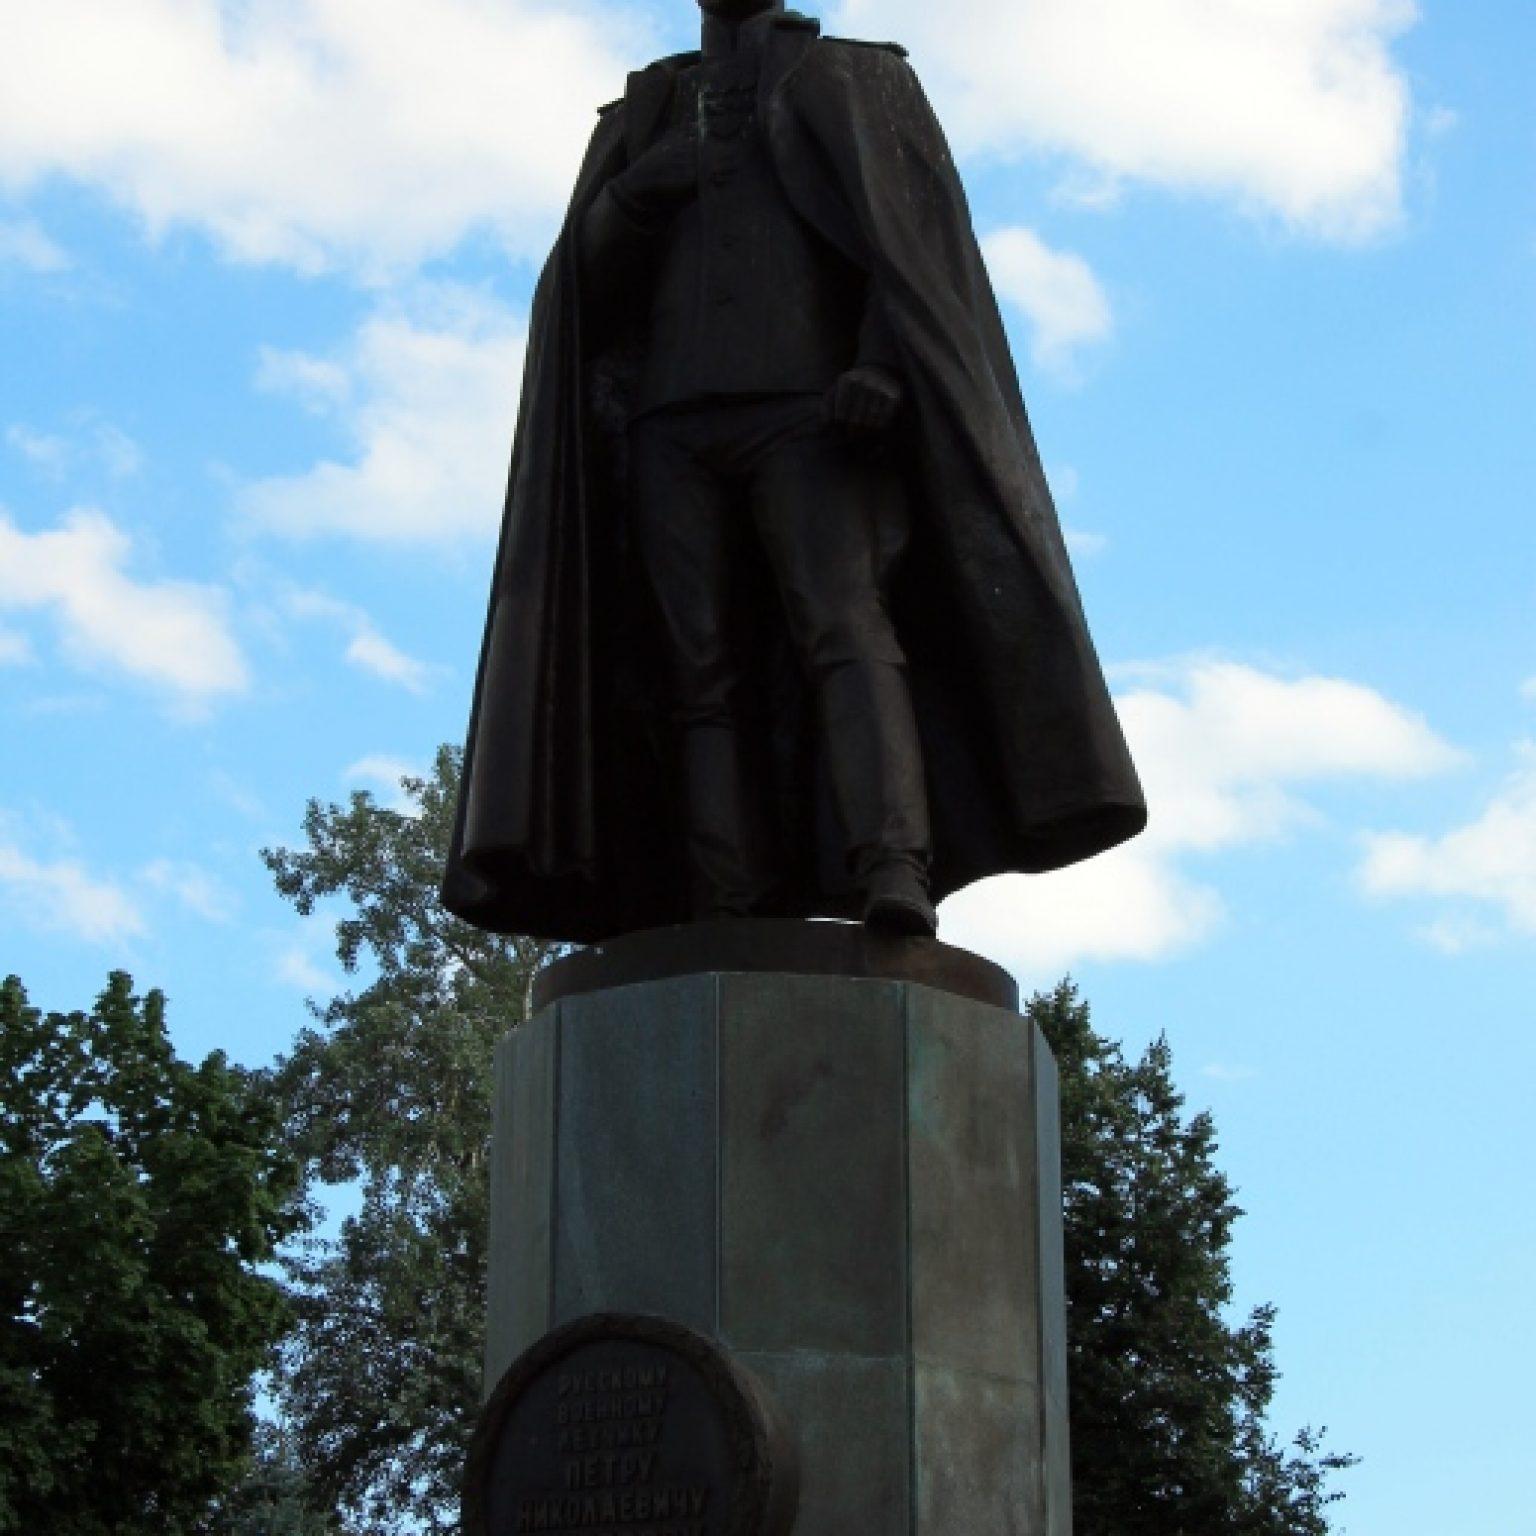 Достопримечательности Нижнего Новгорода: Памятник Петру Нестерову